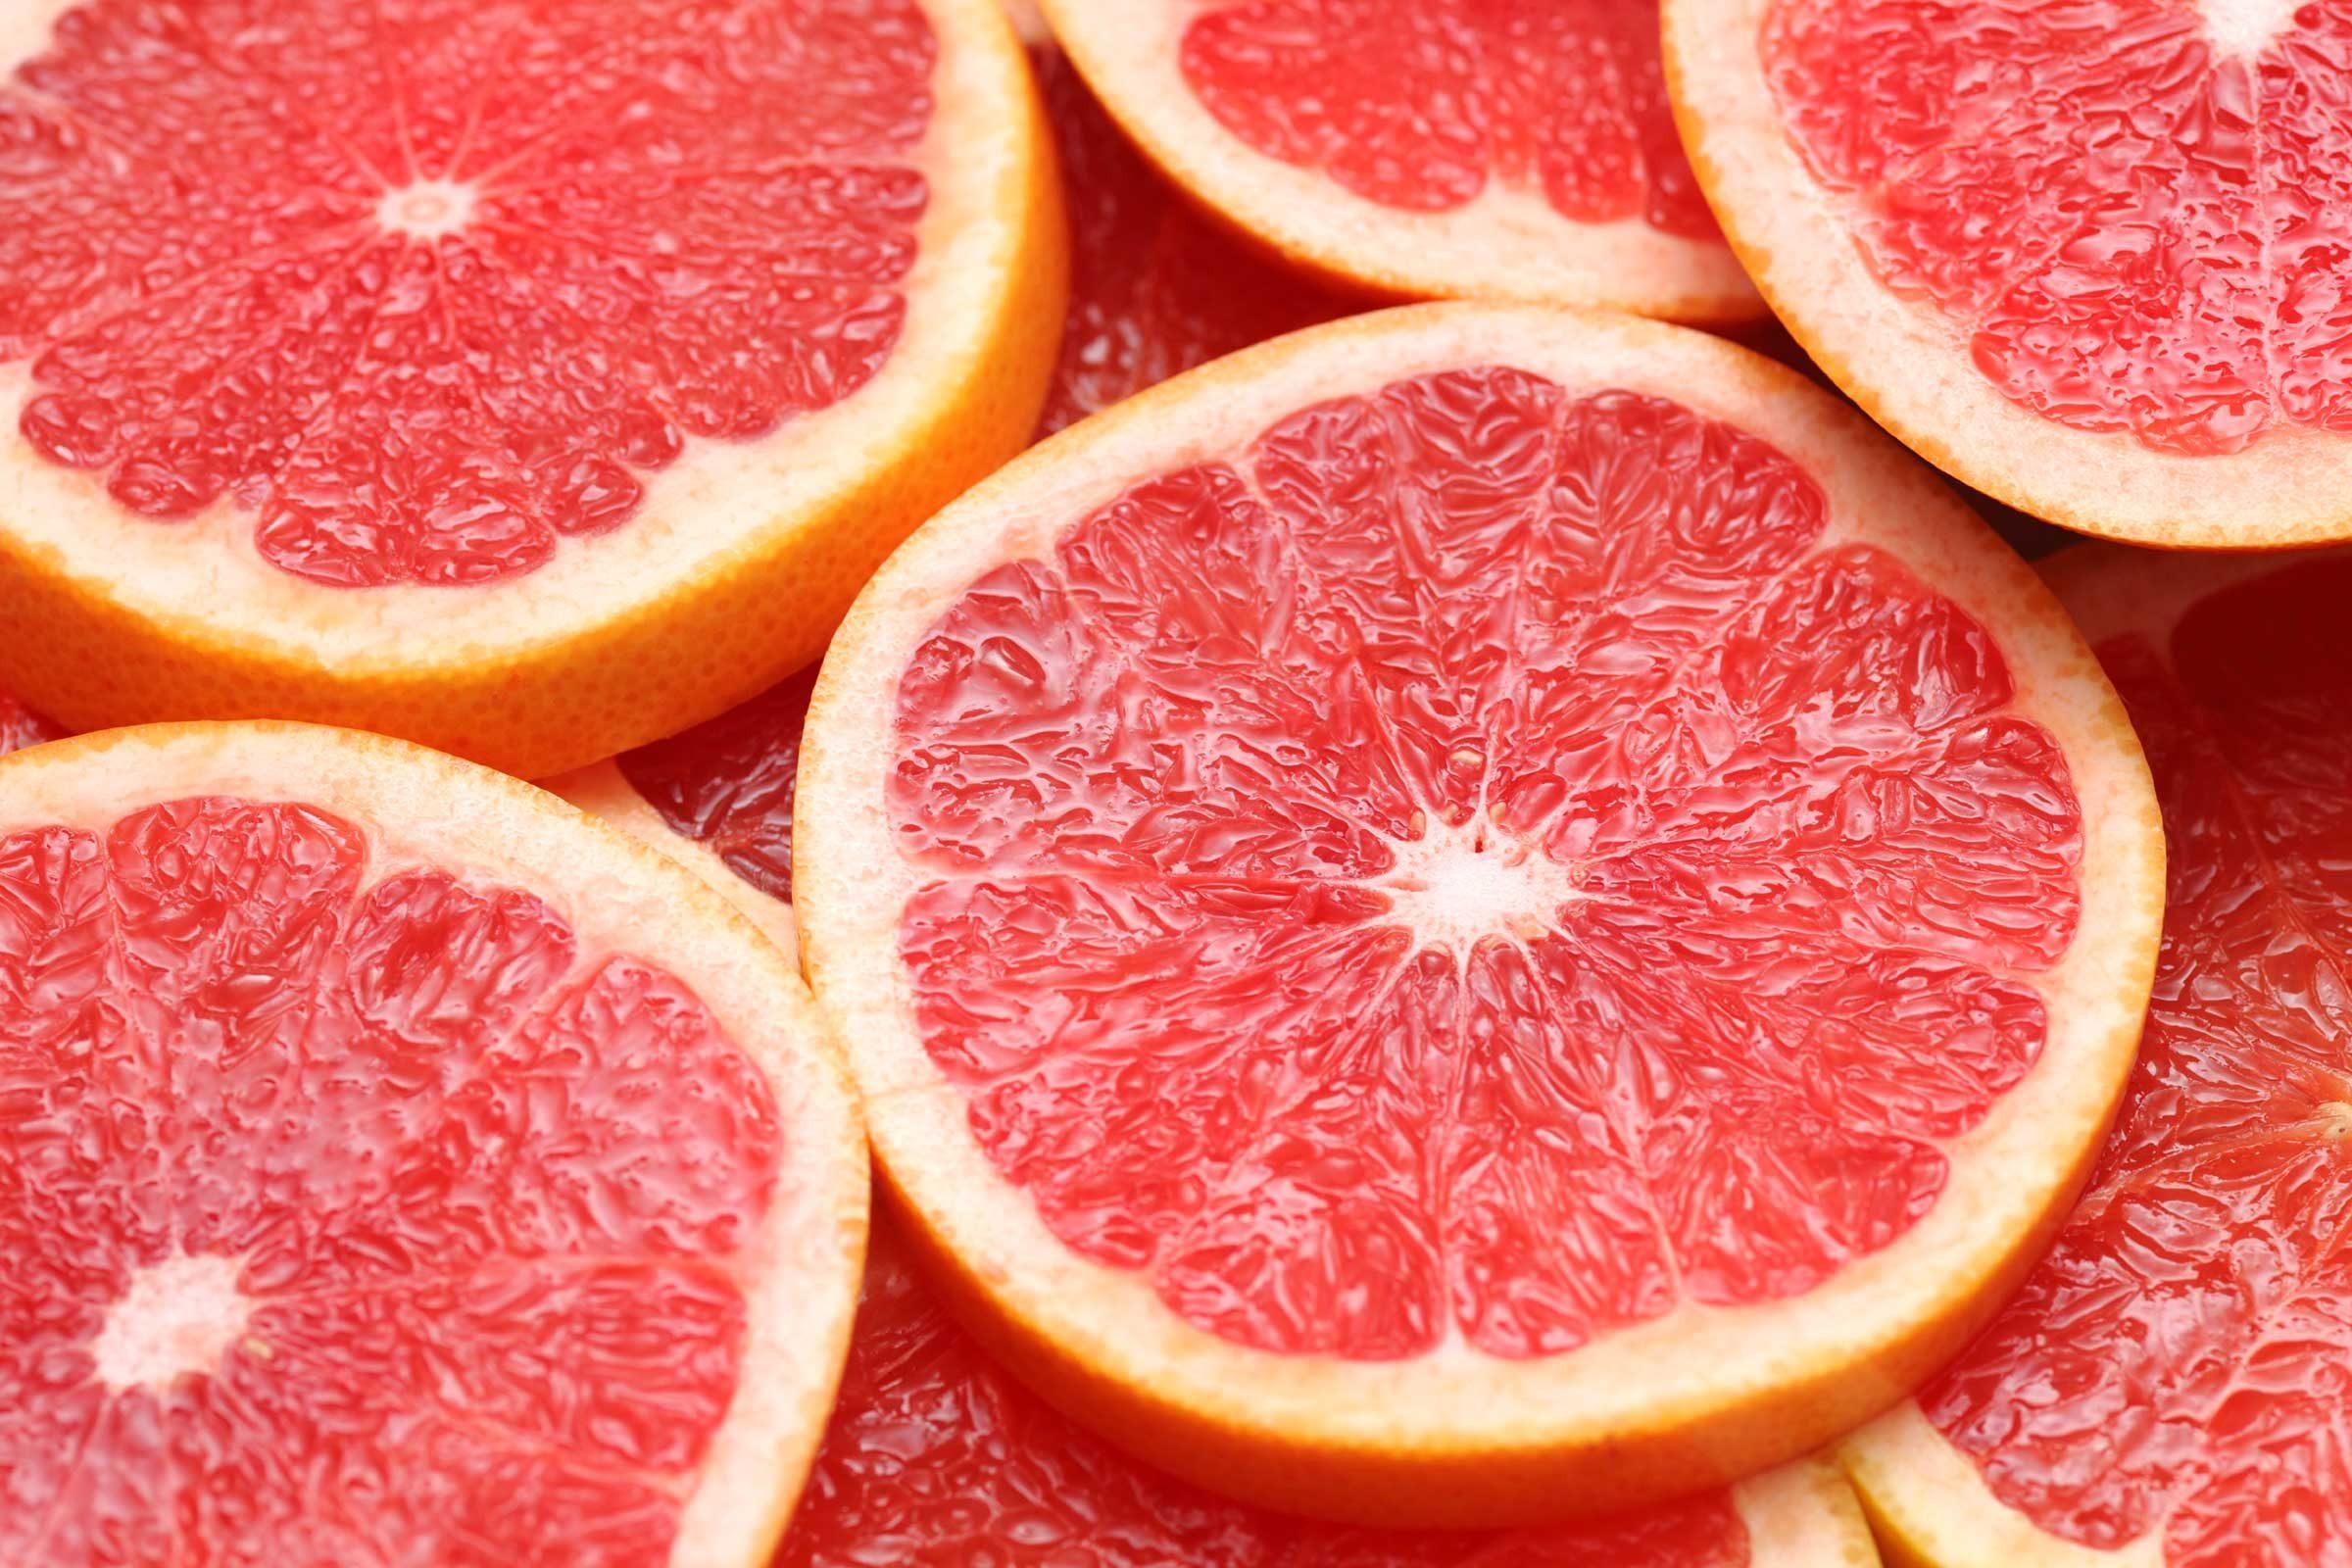 Eat grapefruit for breakfast